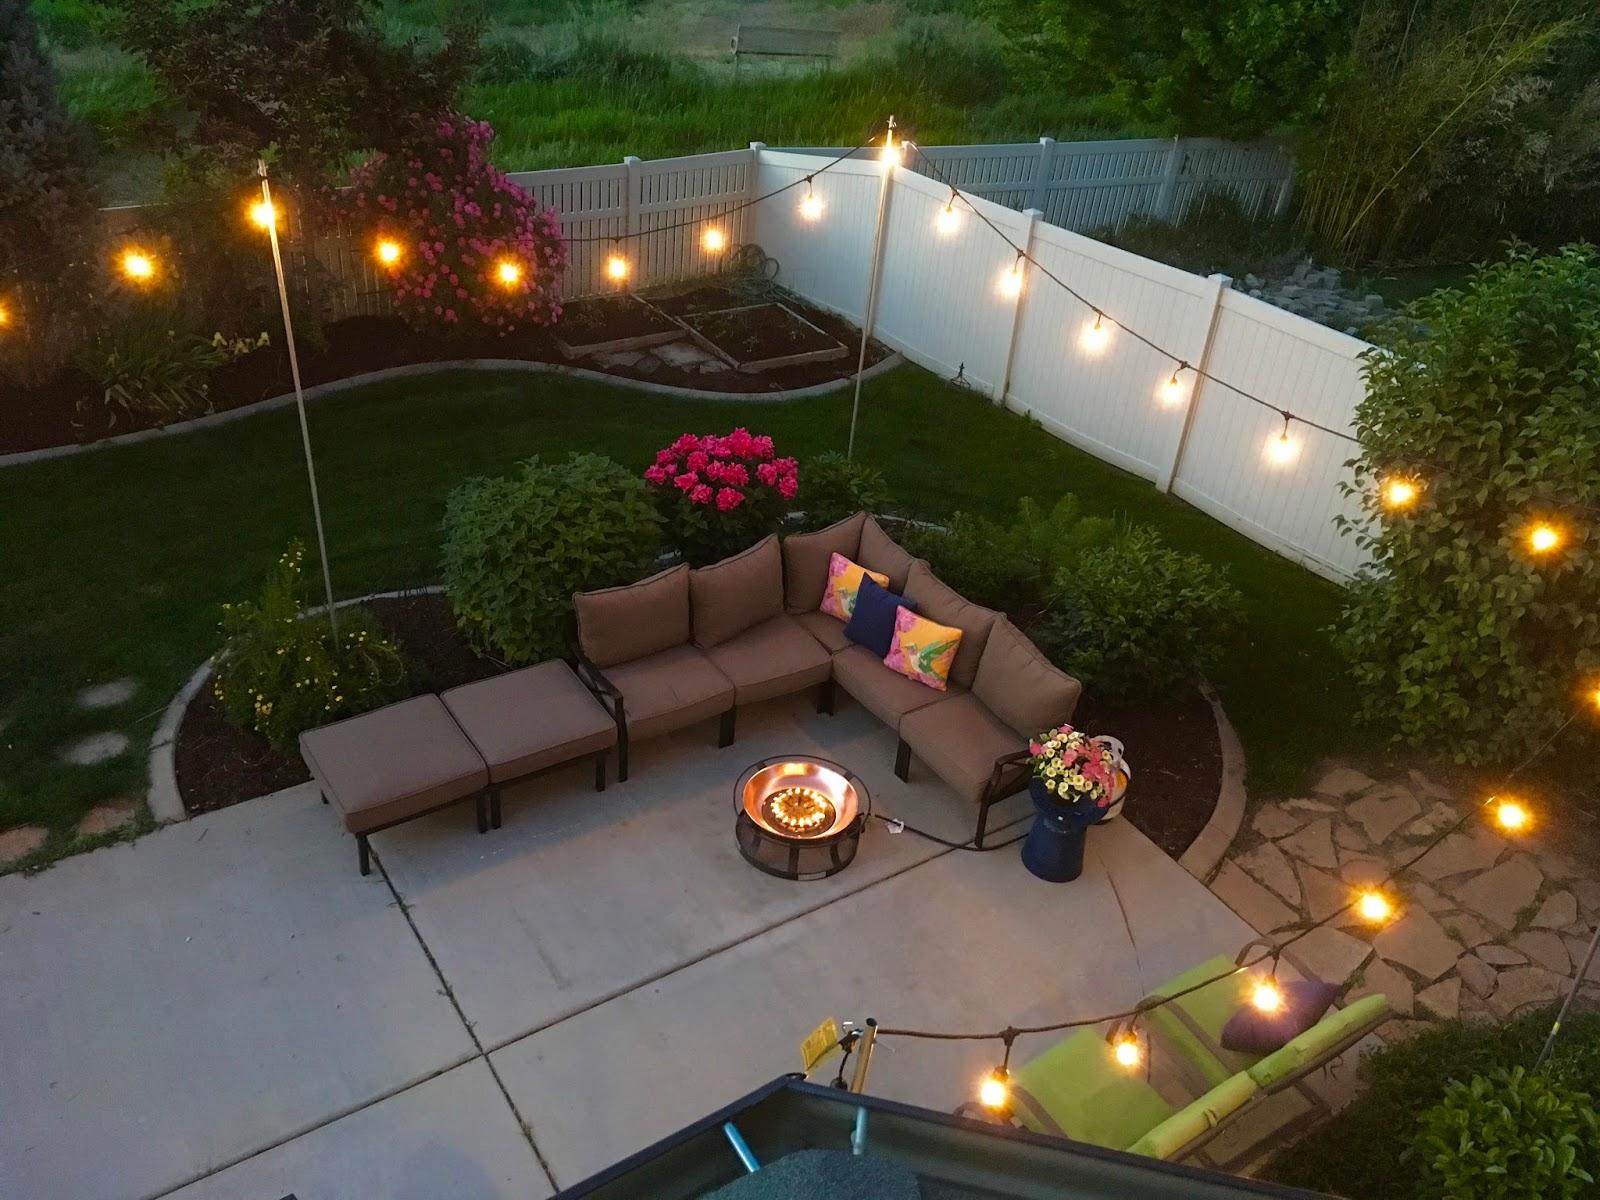 restlessrisa: Outdoor Yard Lights for under $150!